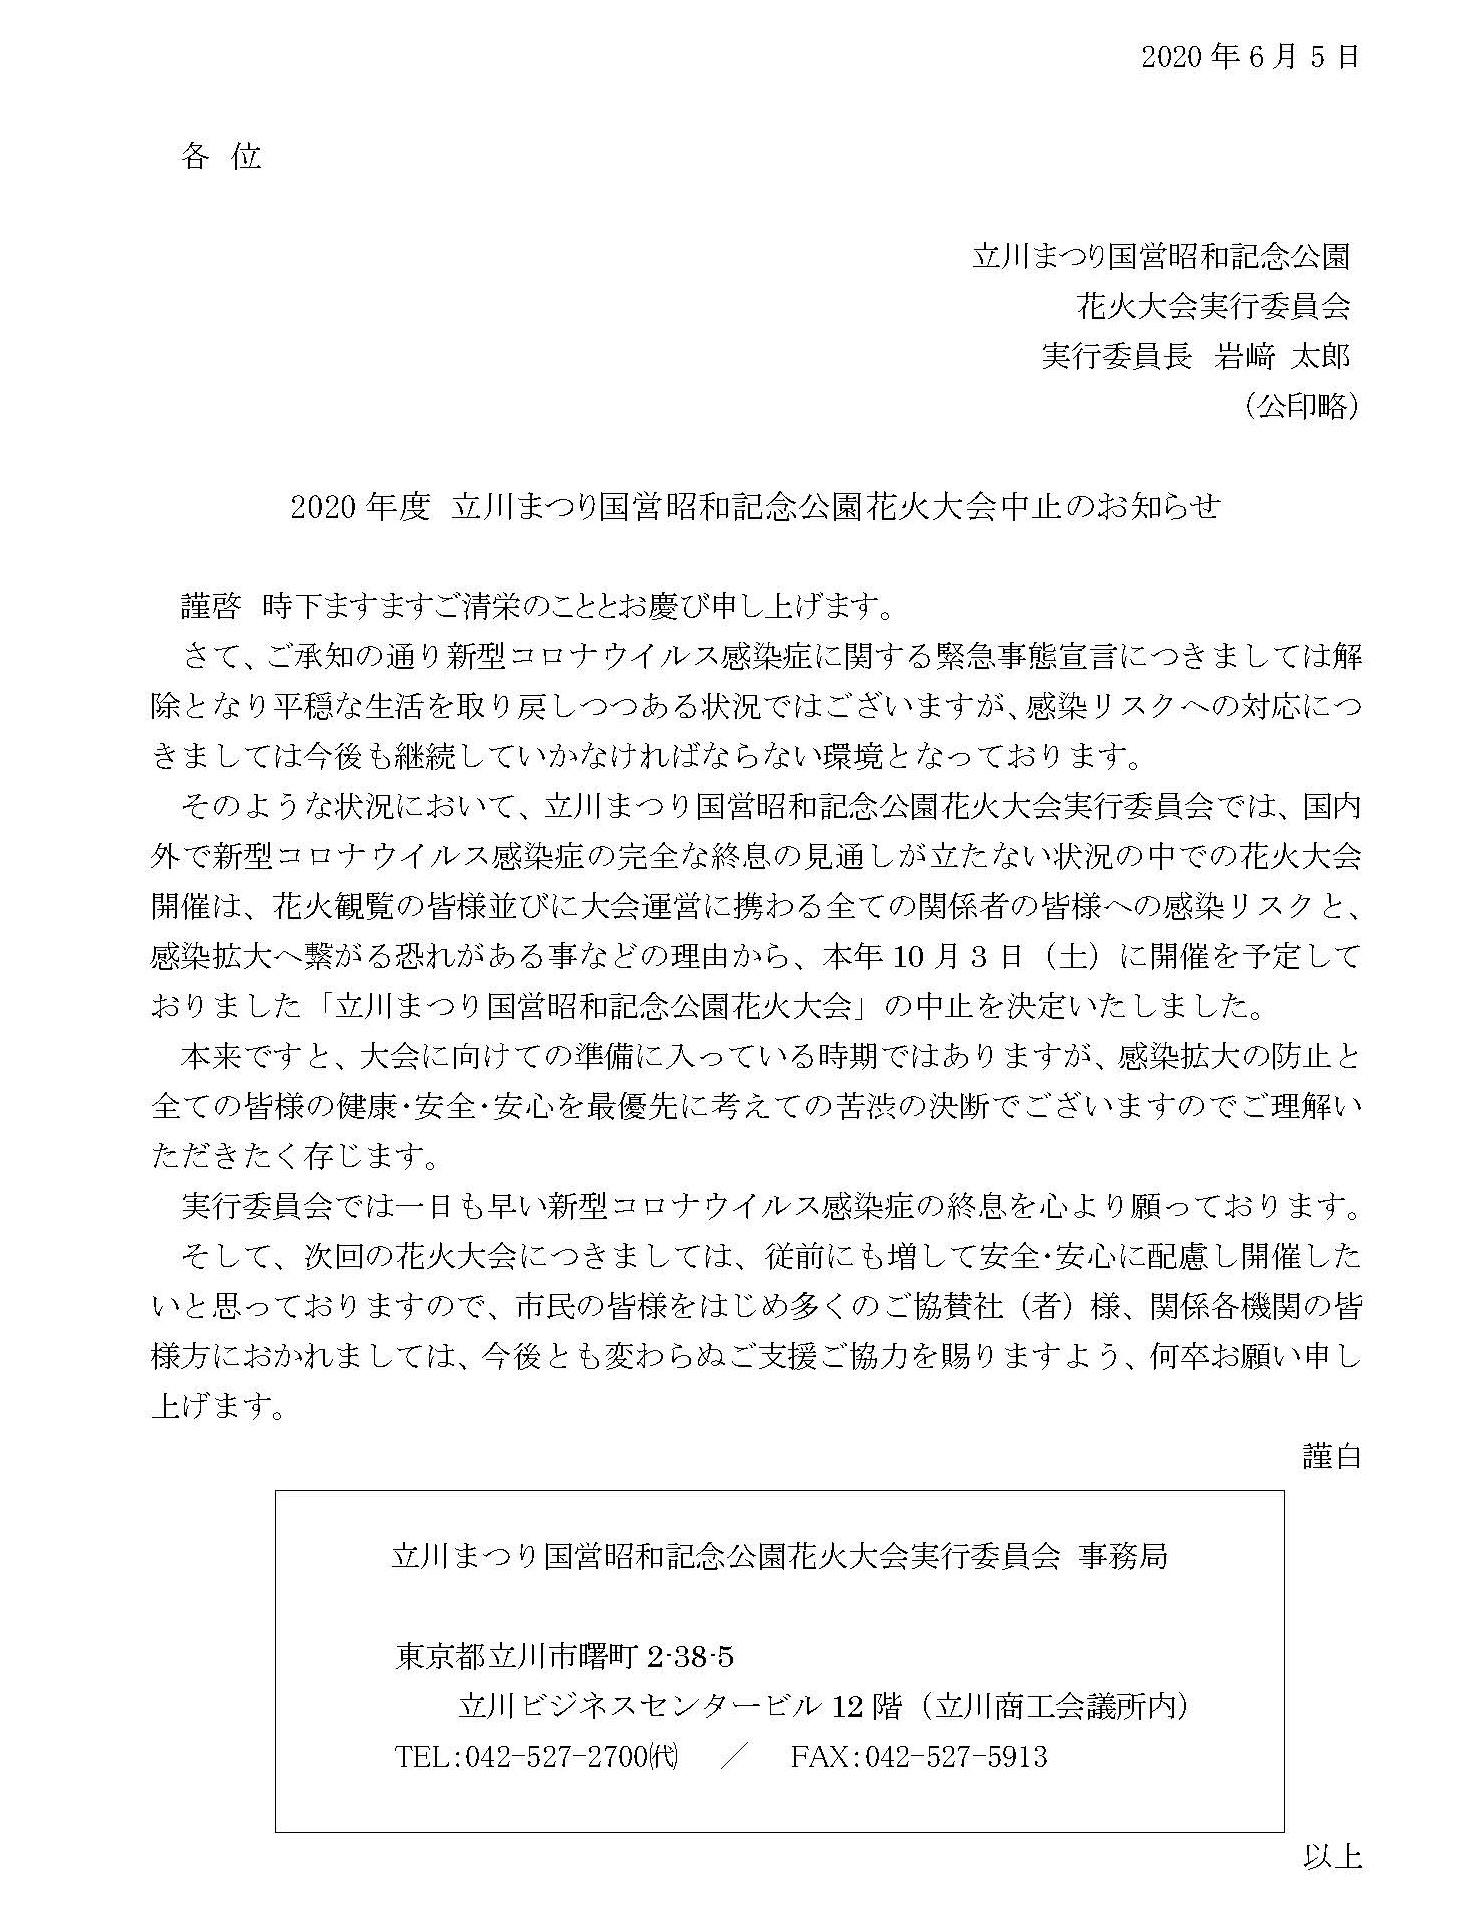 昭和記念公園花火大会中止の連絡